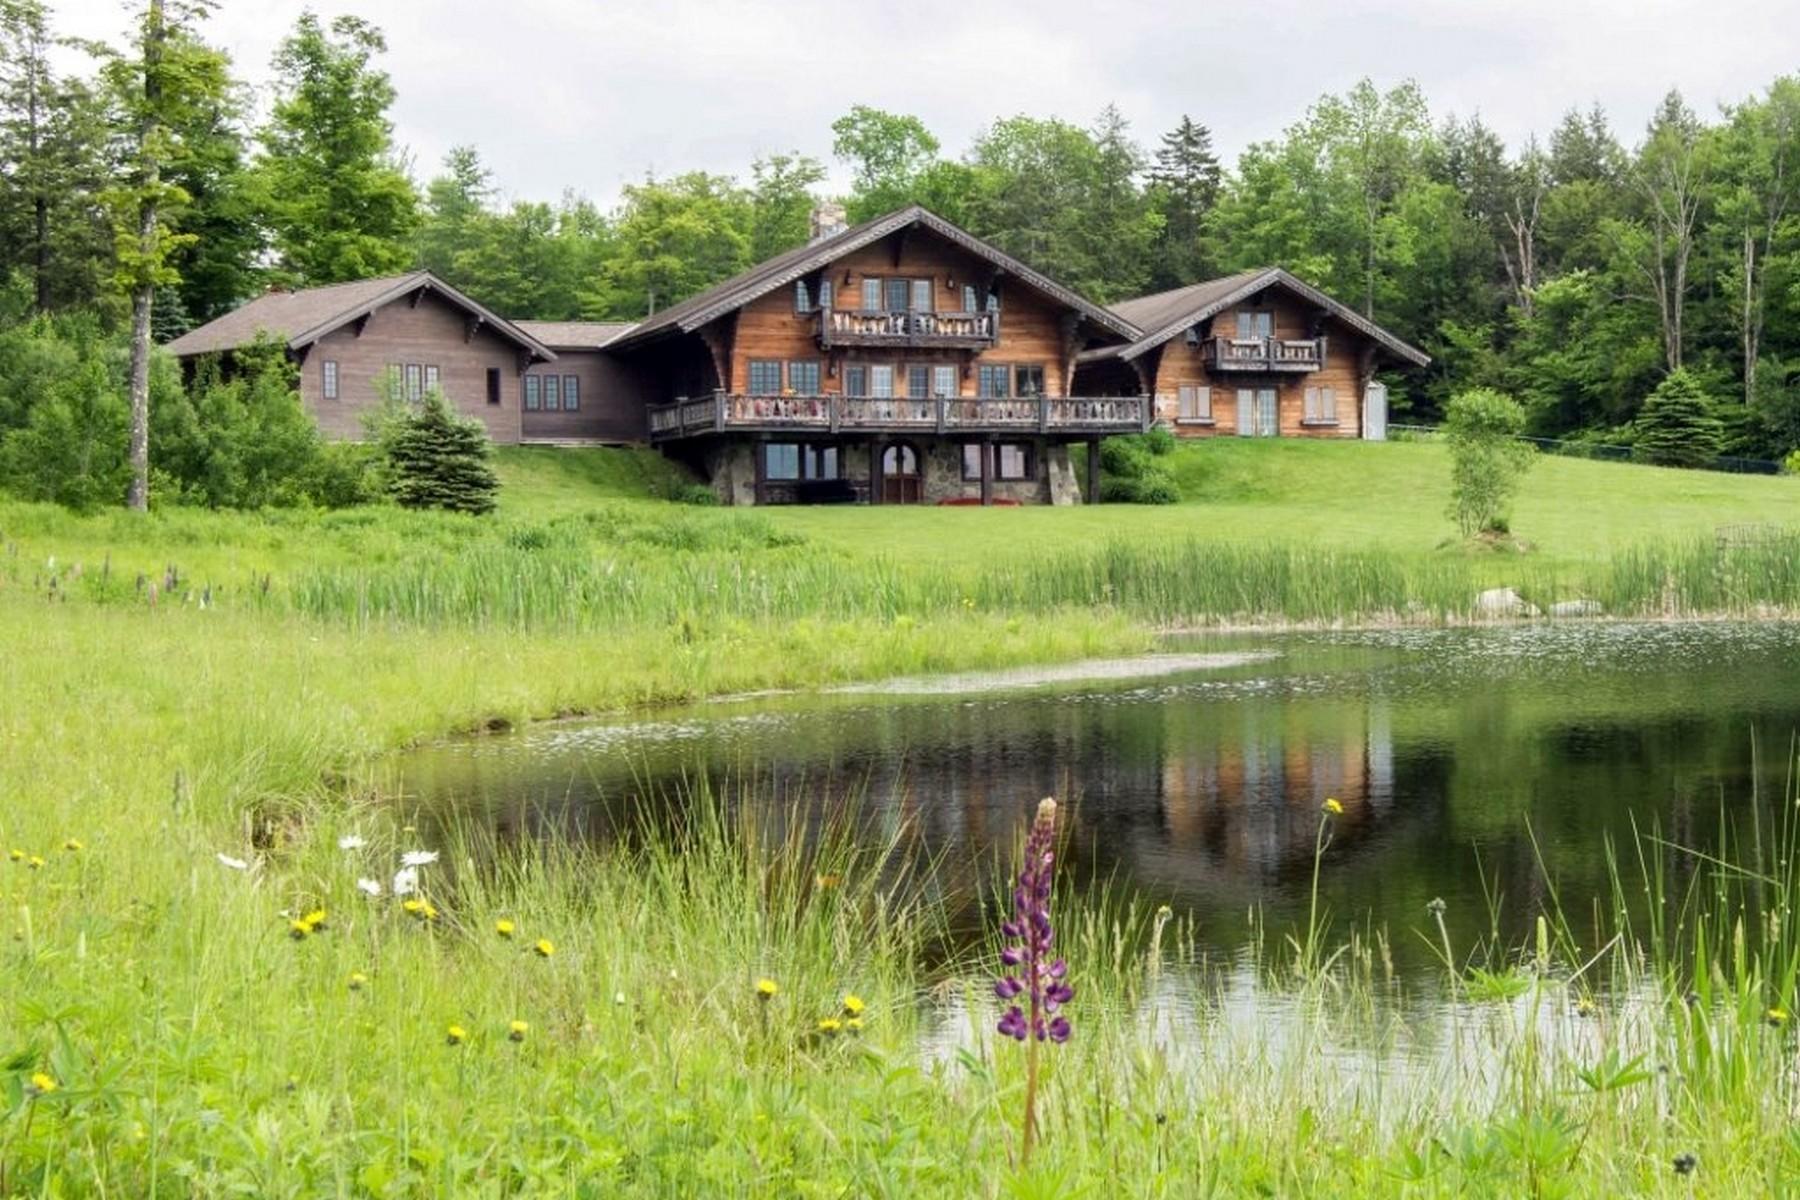 一戸建て のために 売買 アット Lippitt Mountain Farm 121 Acres, Pond, Views, Priv 76 Cody Rd Landgrove, バーモント, 05148 アメリカ合衆国